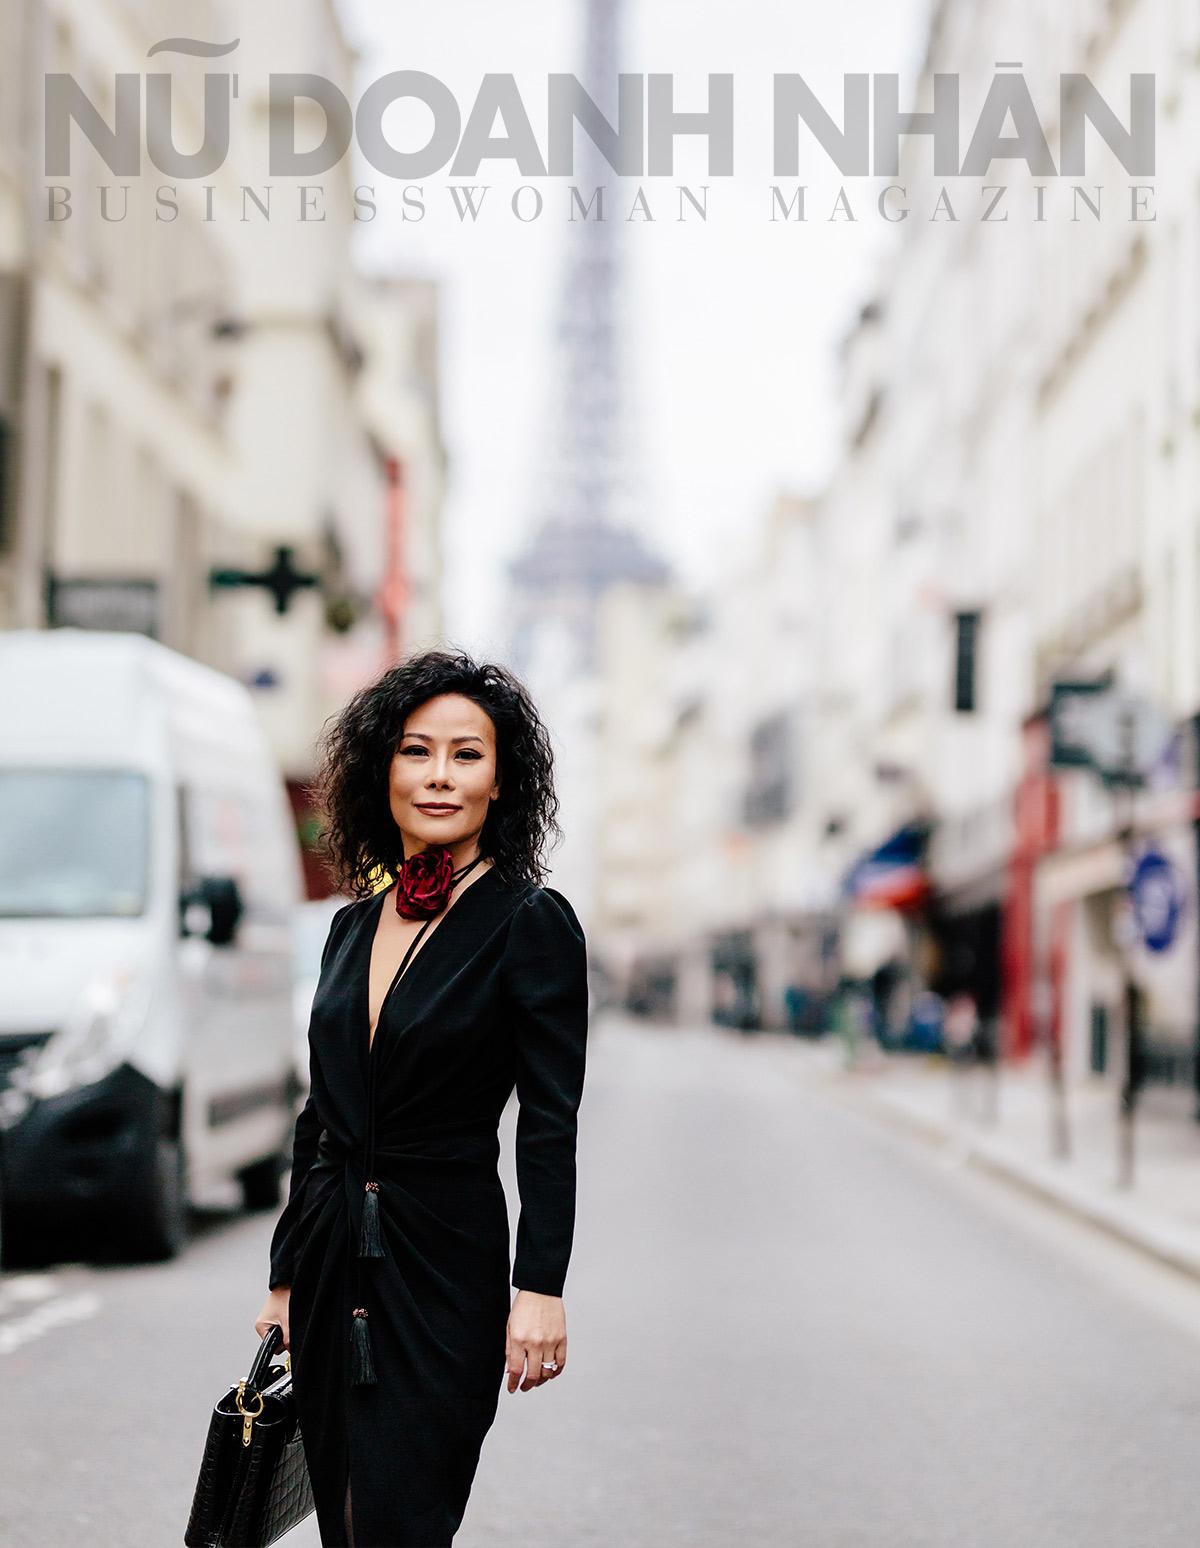 nữ doanh nhân Nguyễn Thị Lệ Thu